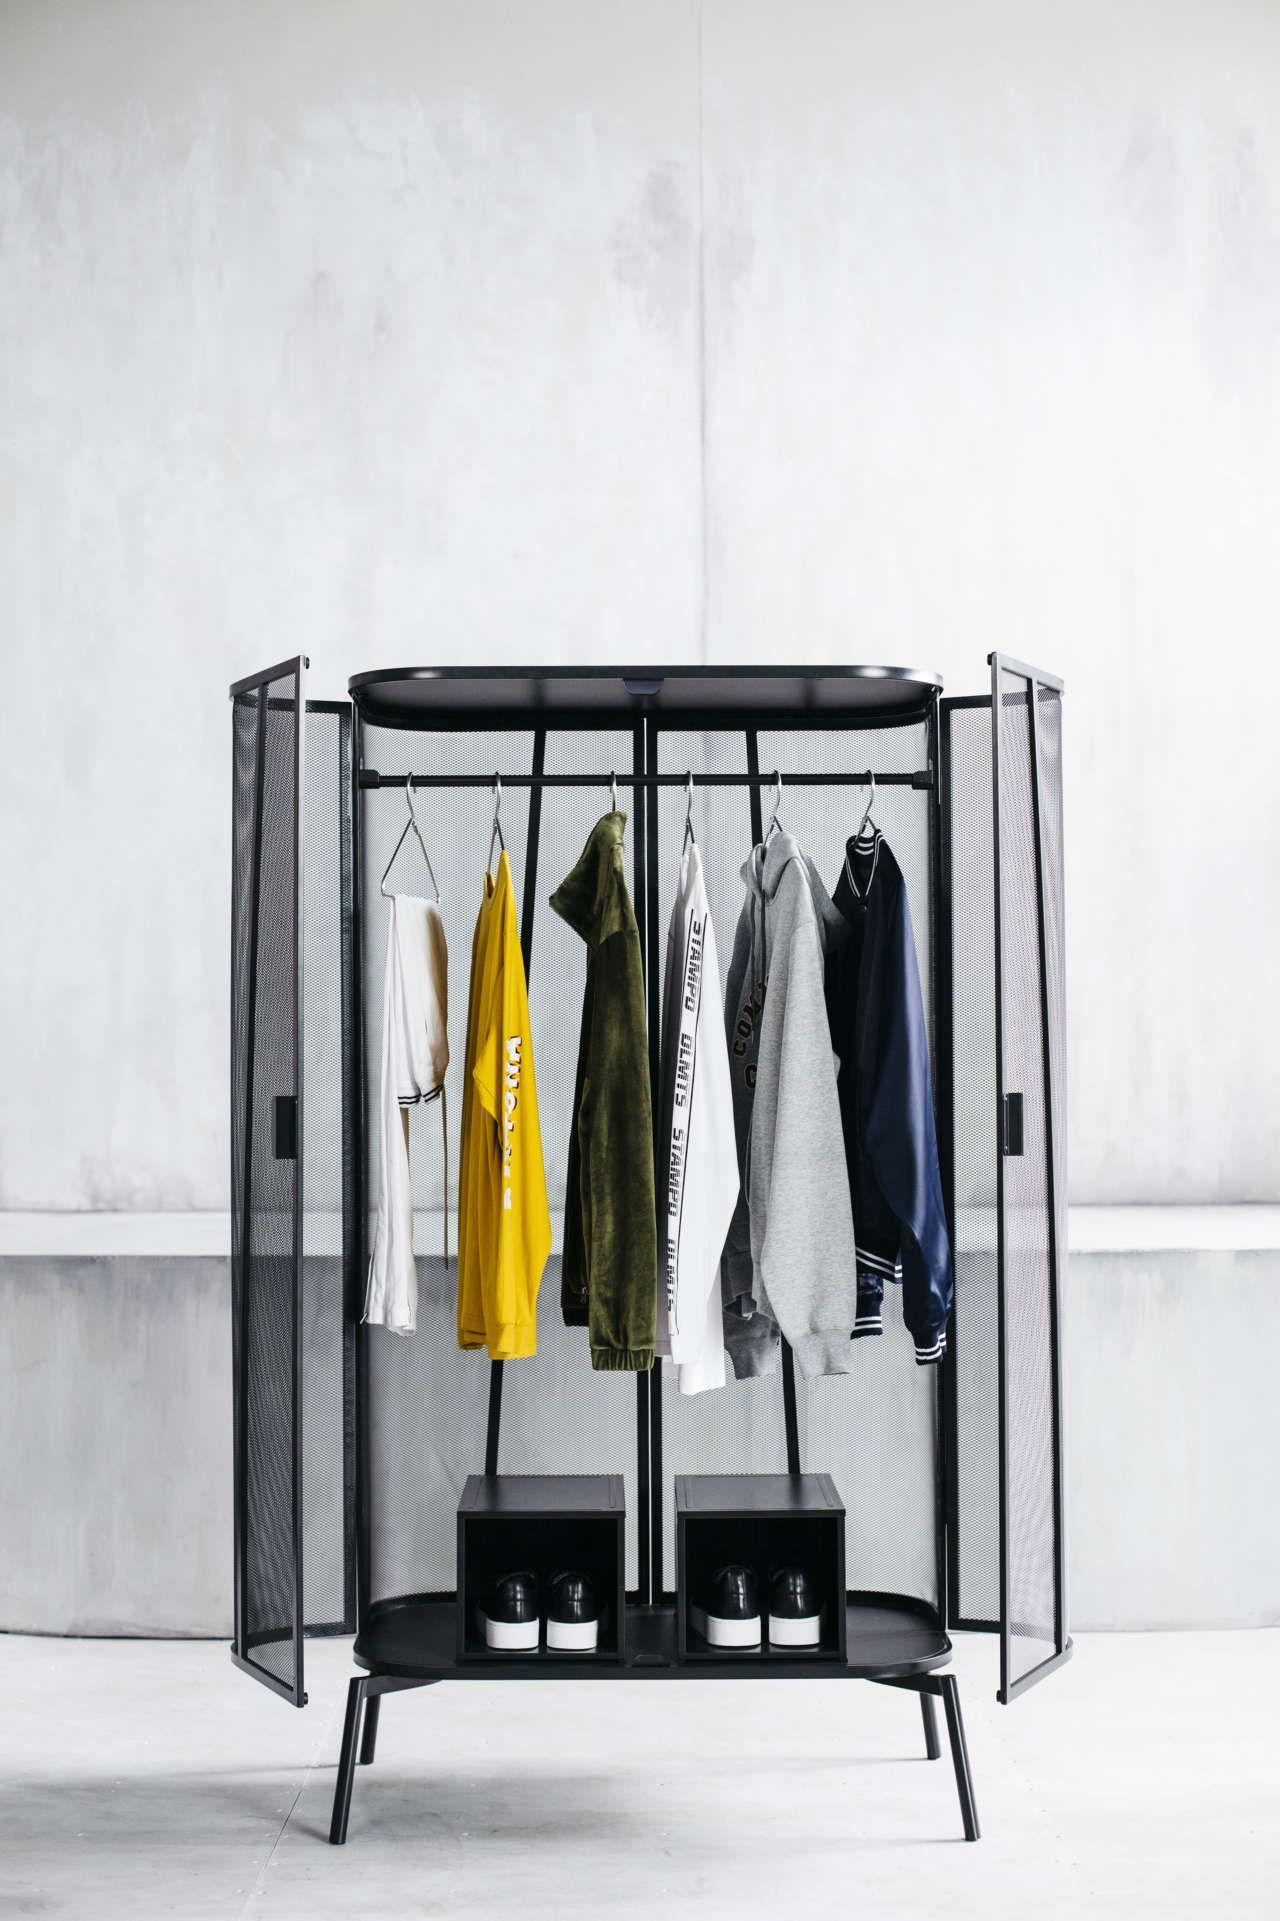 Neues Von Ikea Spanst Kollektion Mit Chris Stamp Ikea